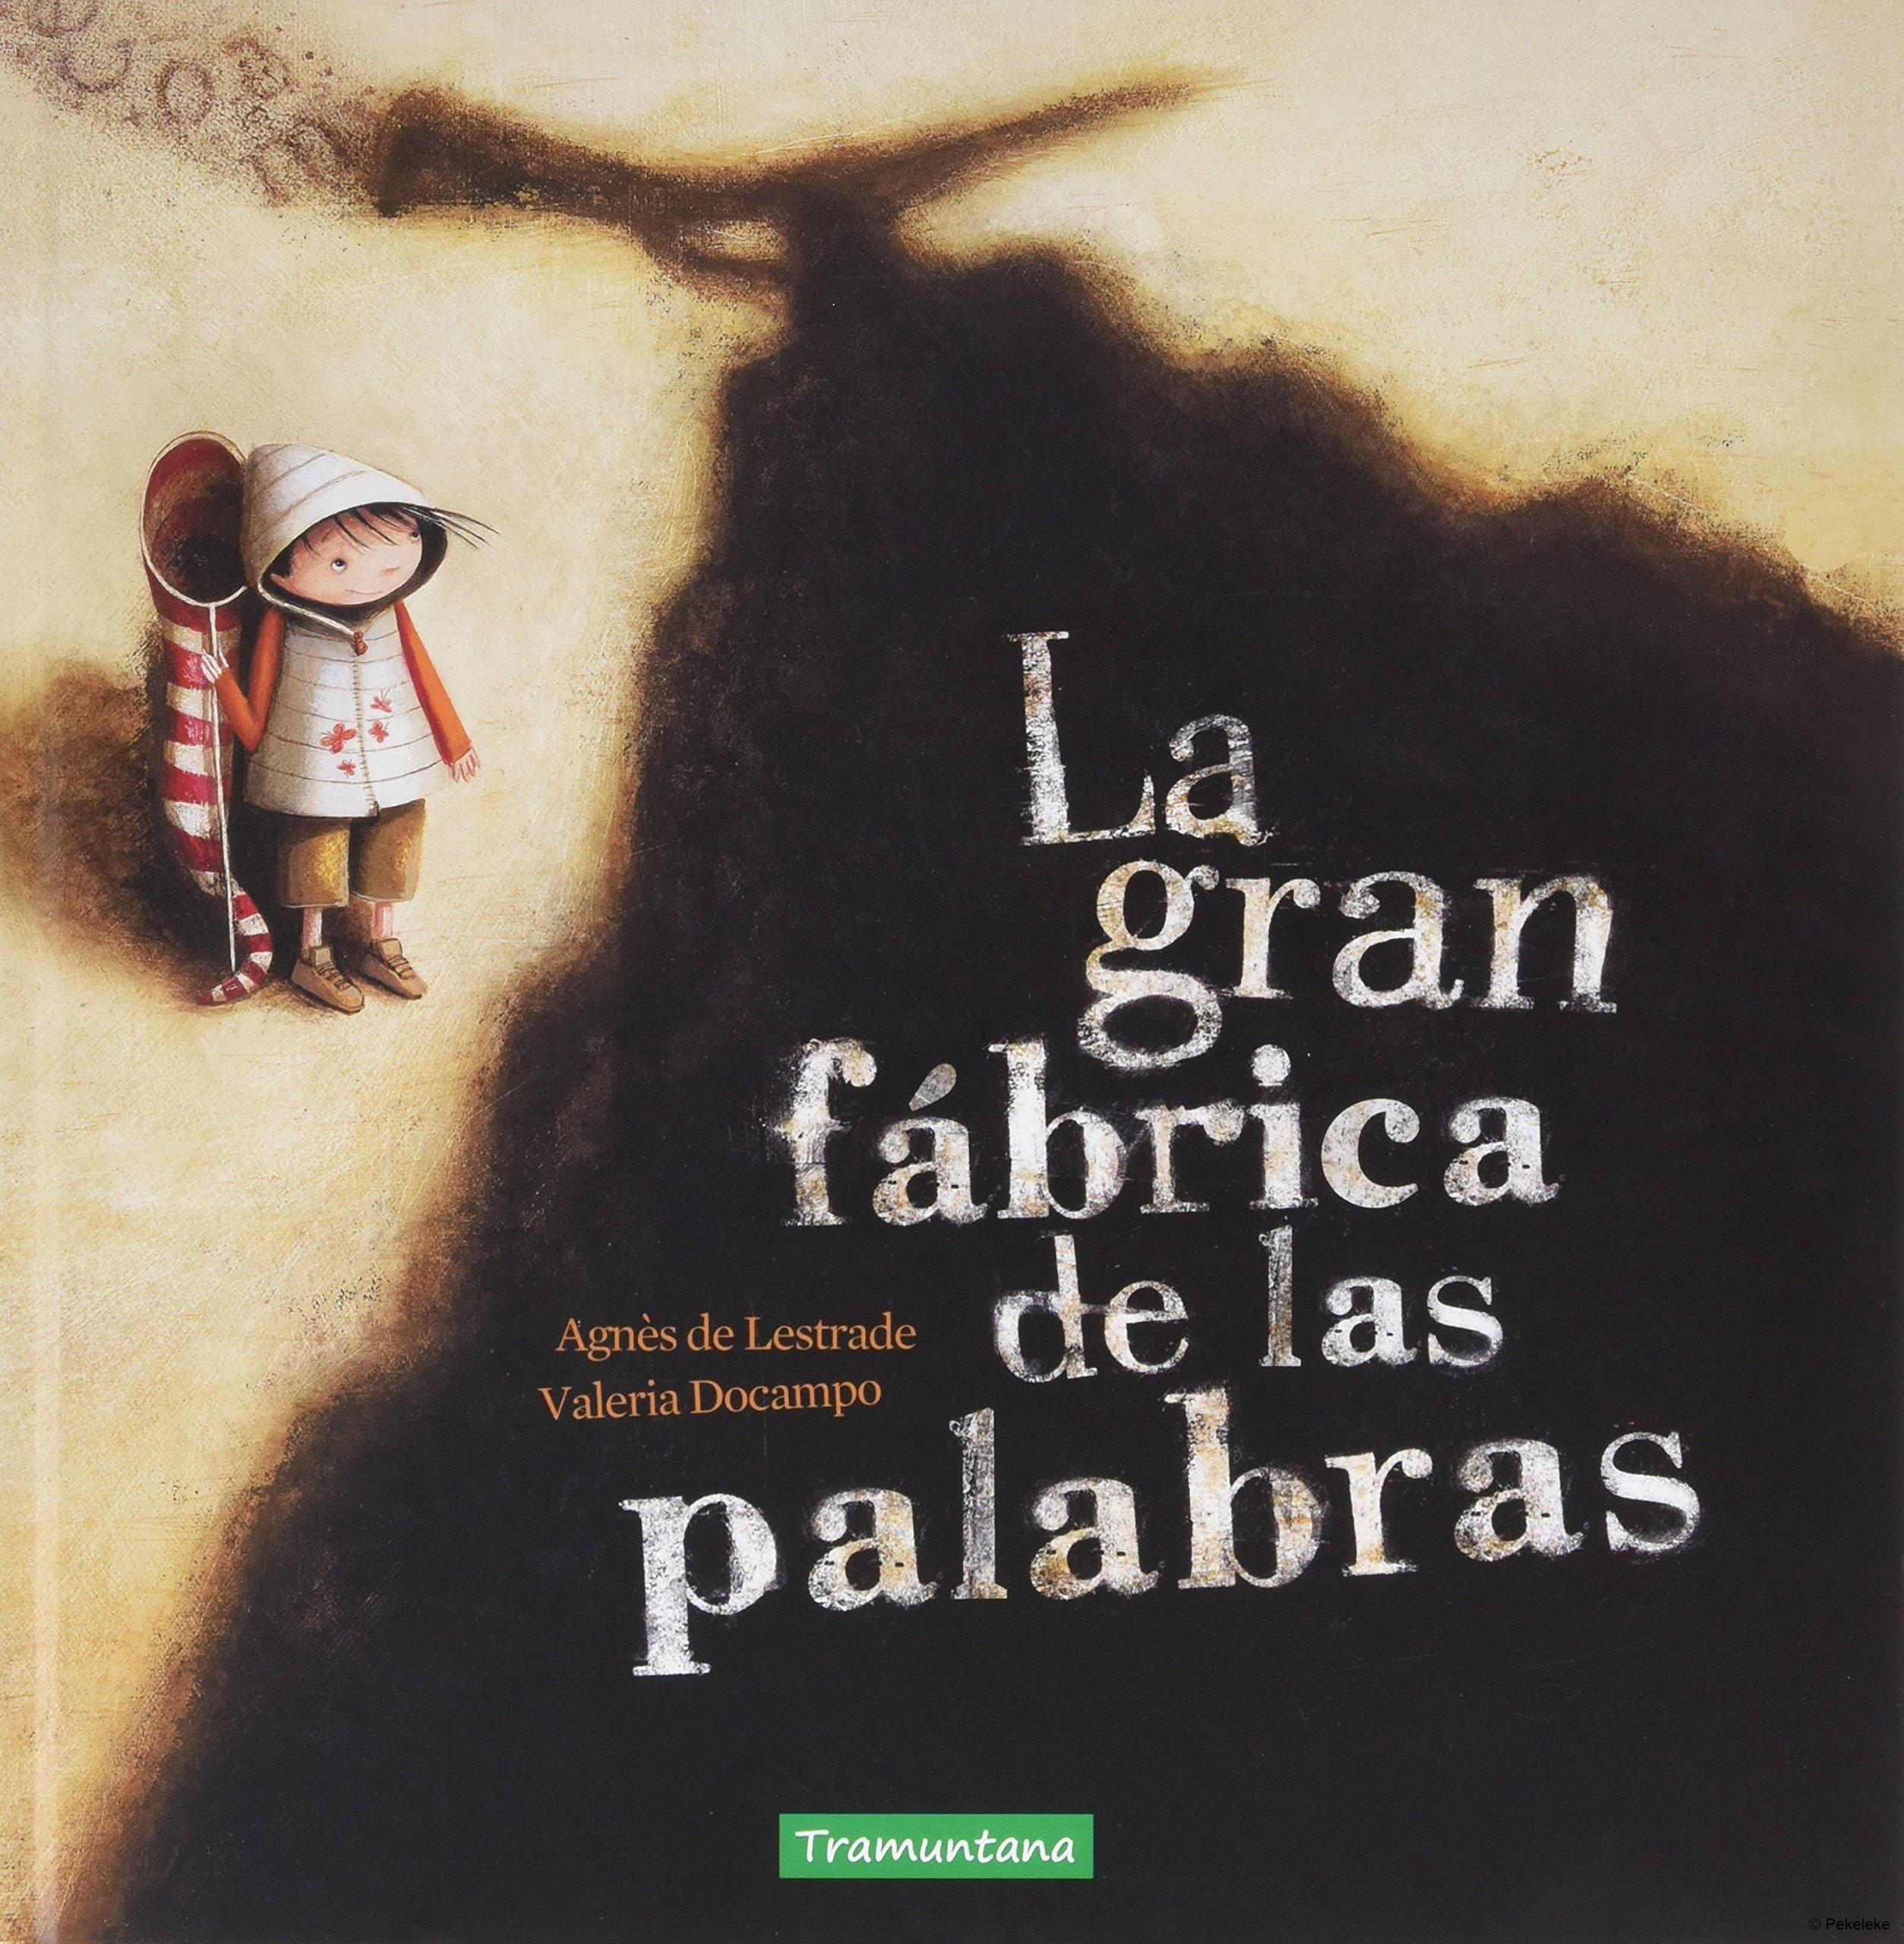 La gran fábrica de las palabras, de Agnès de Lestrade y Valeria Docampo -  Reseña en Pekeleke